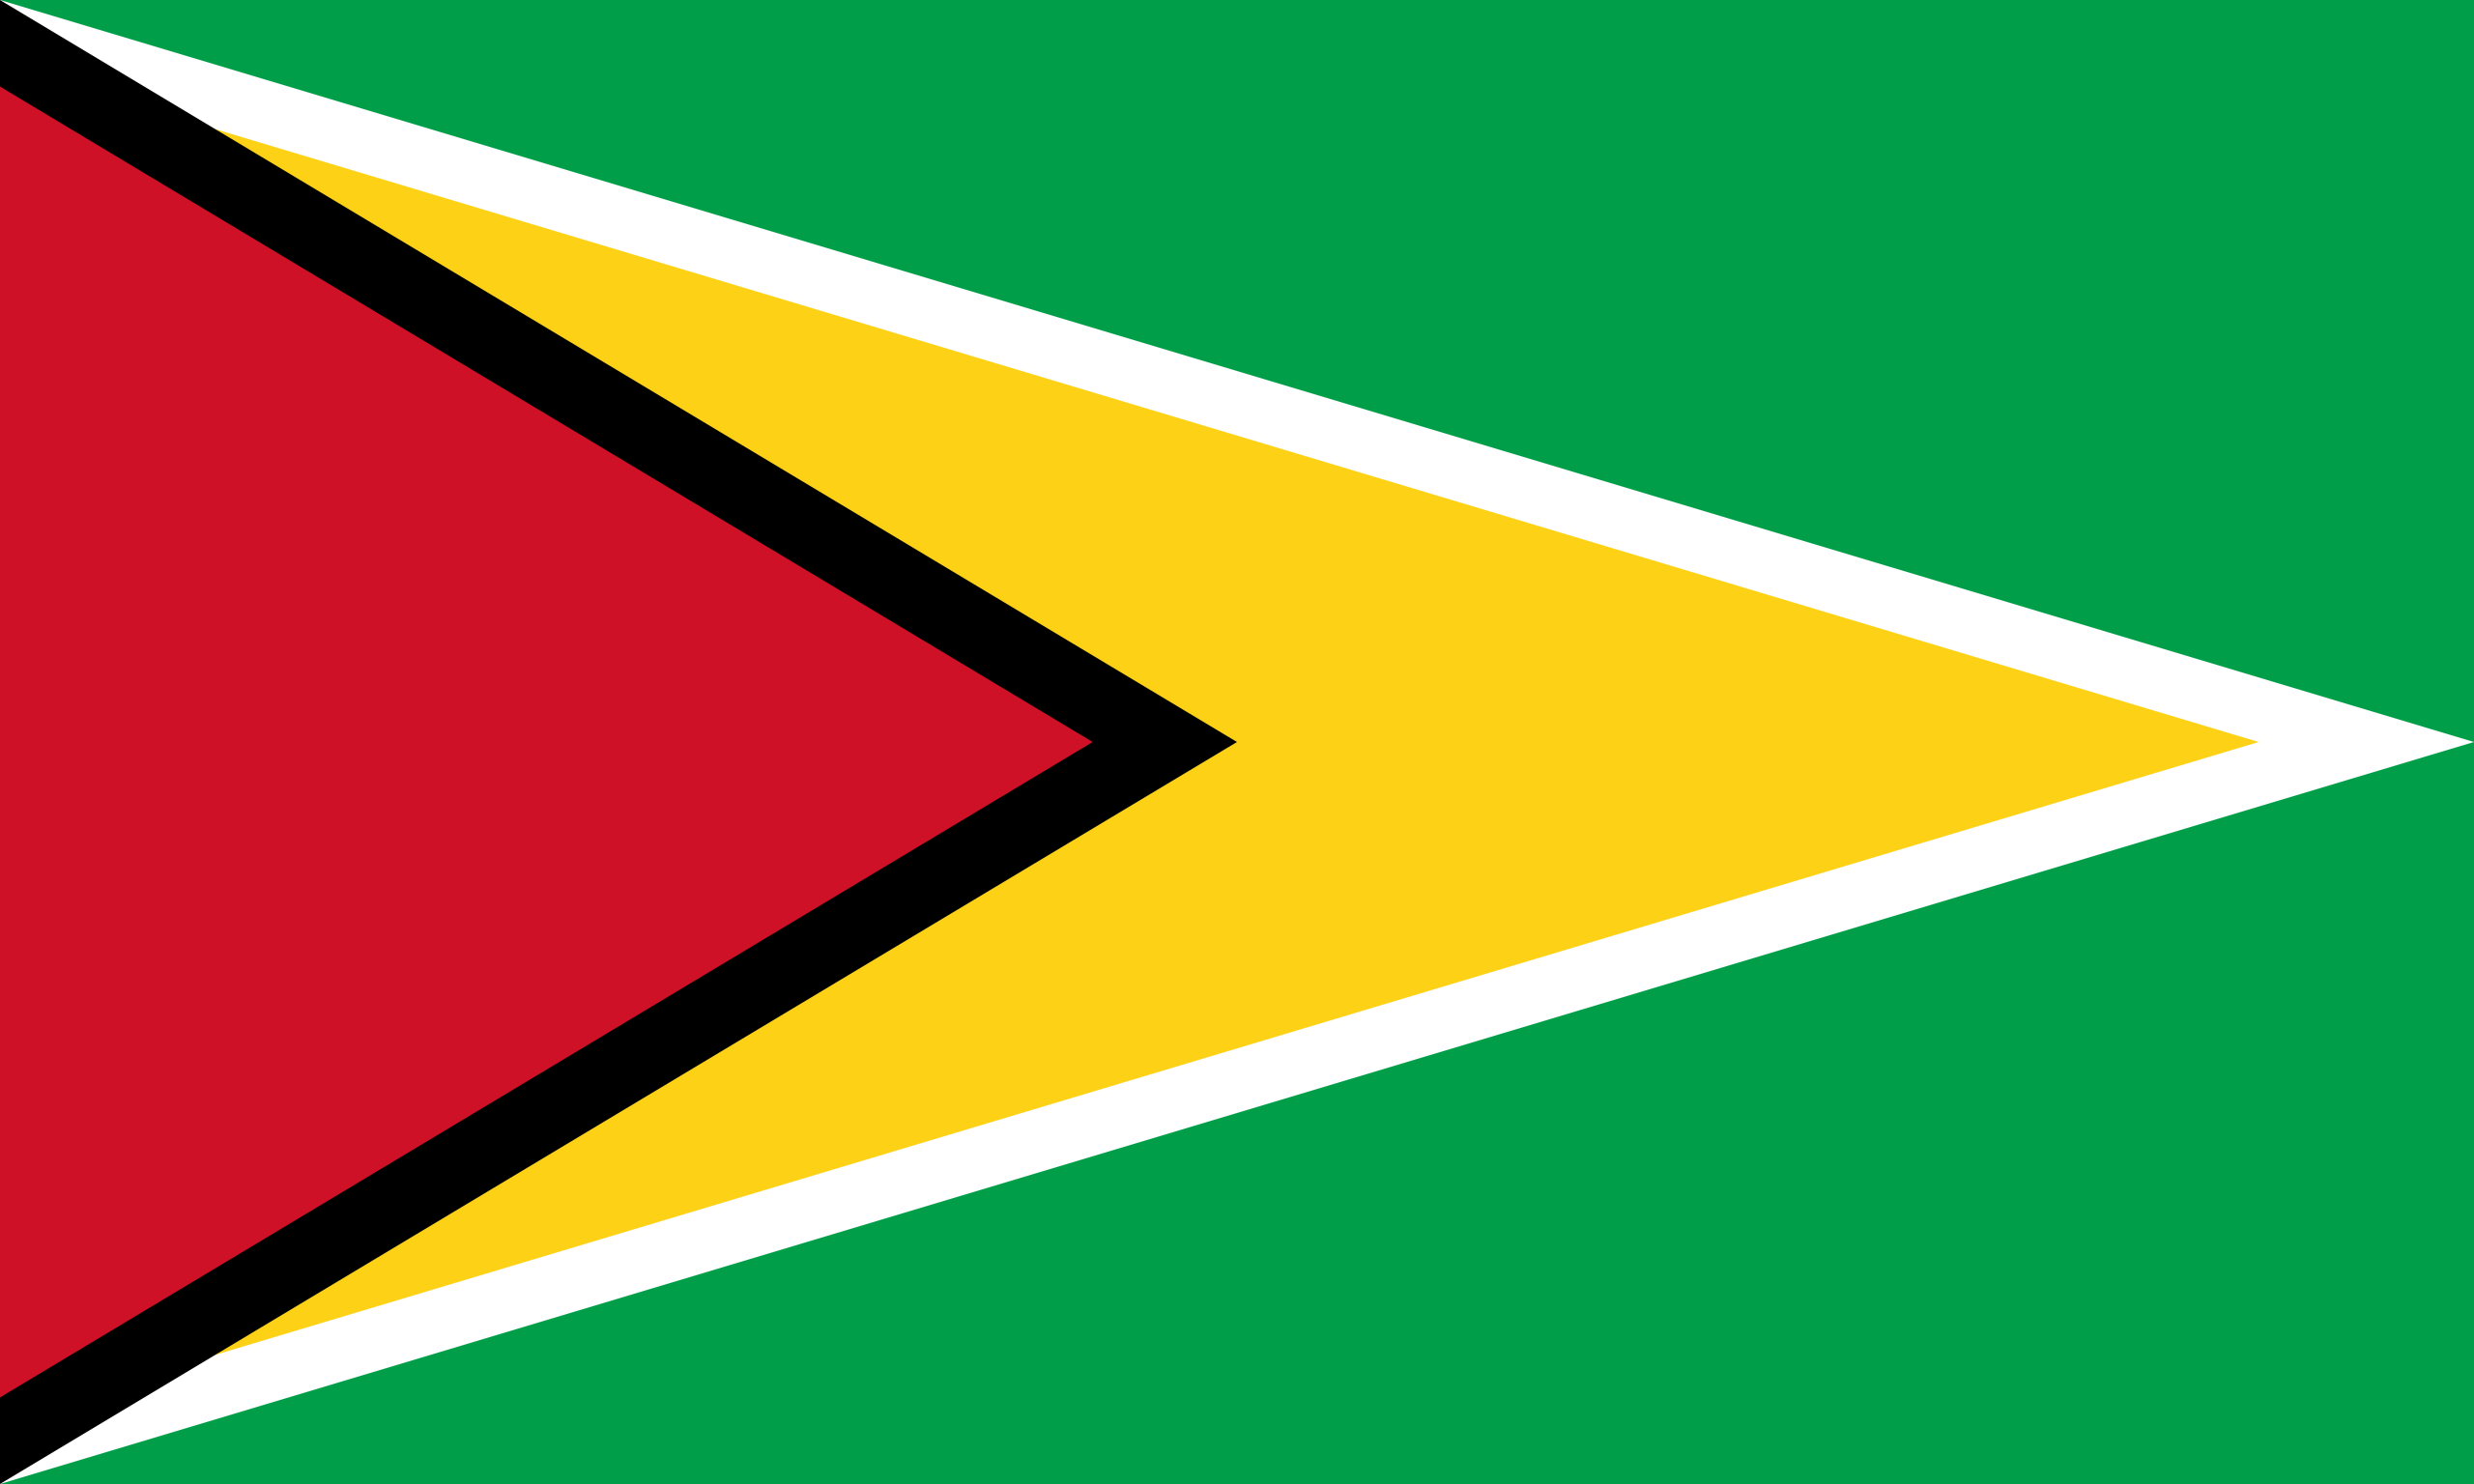 guyana, χώρα, έμβλημα, λογότυπο, σύμβολο - Wallpapers HD - Professor-falken.com